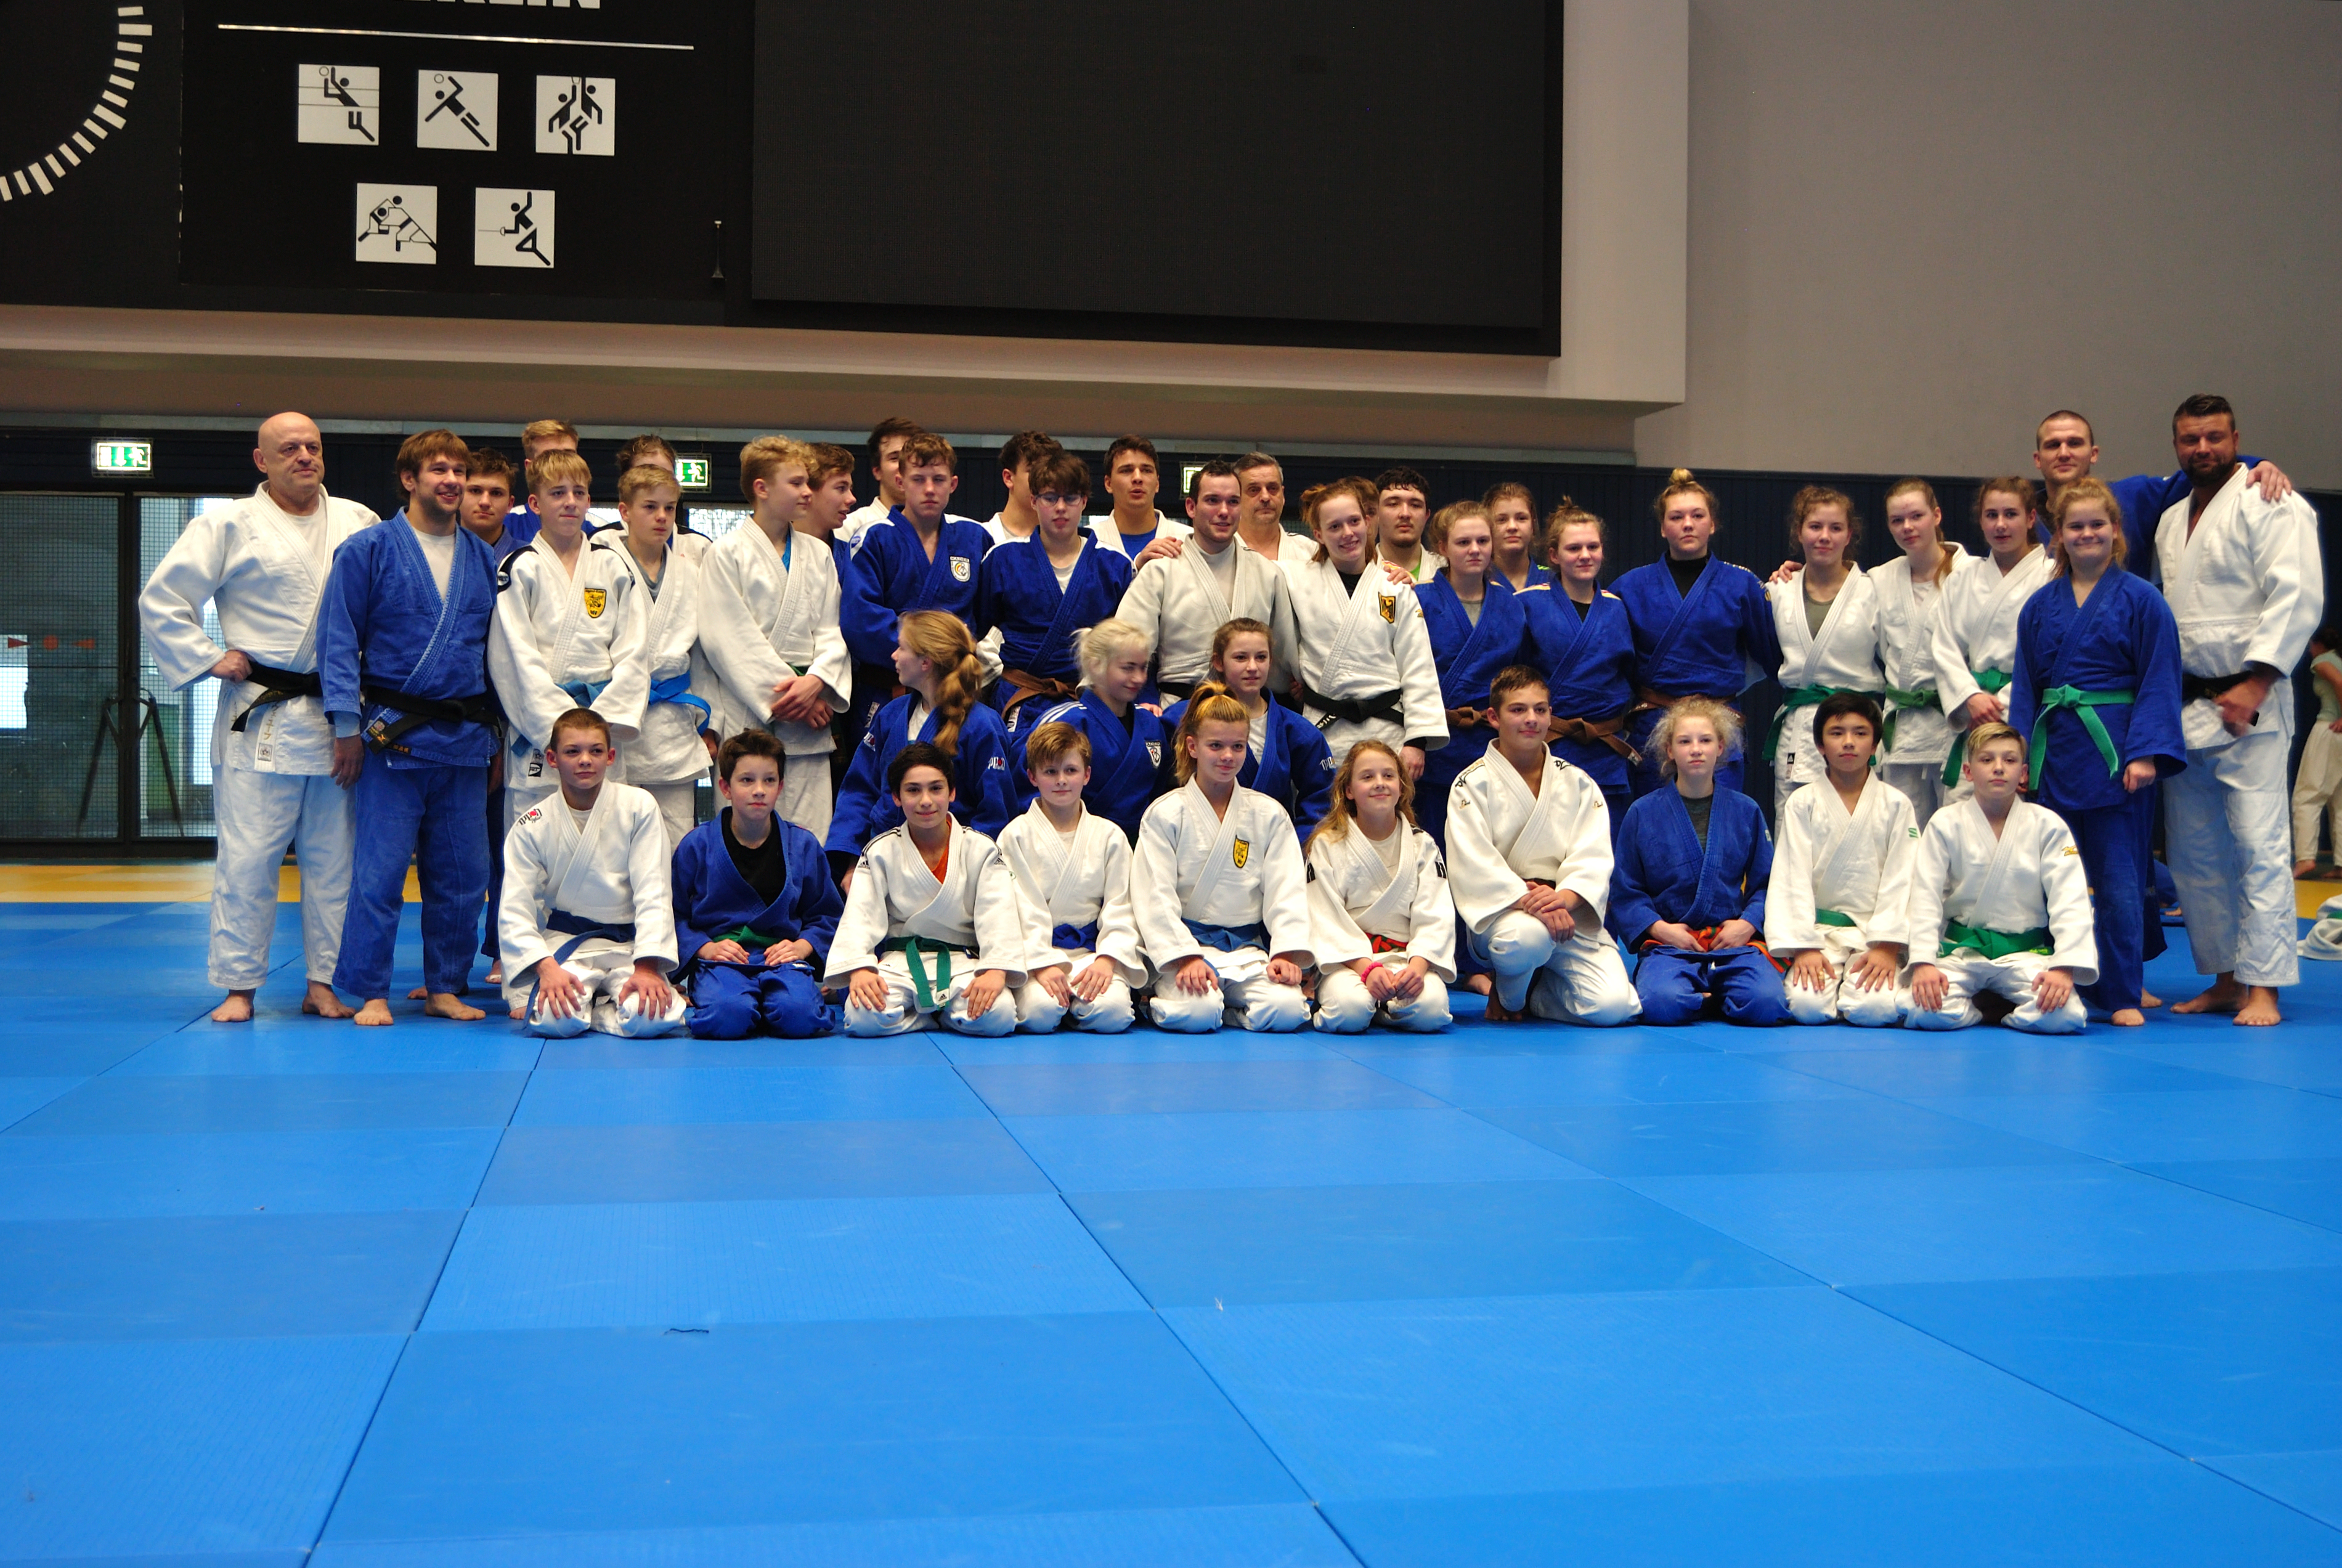 Judoka aus MV nutzen ITC in Berlin zur Vorbereitung auf 2019